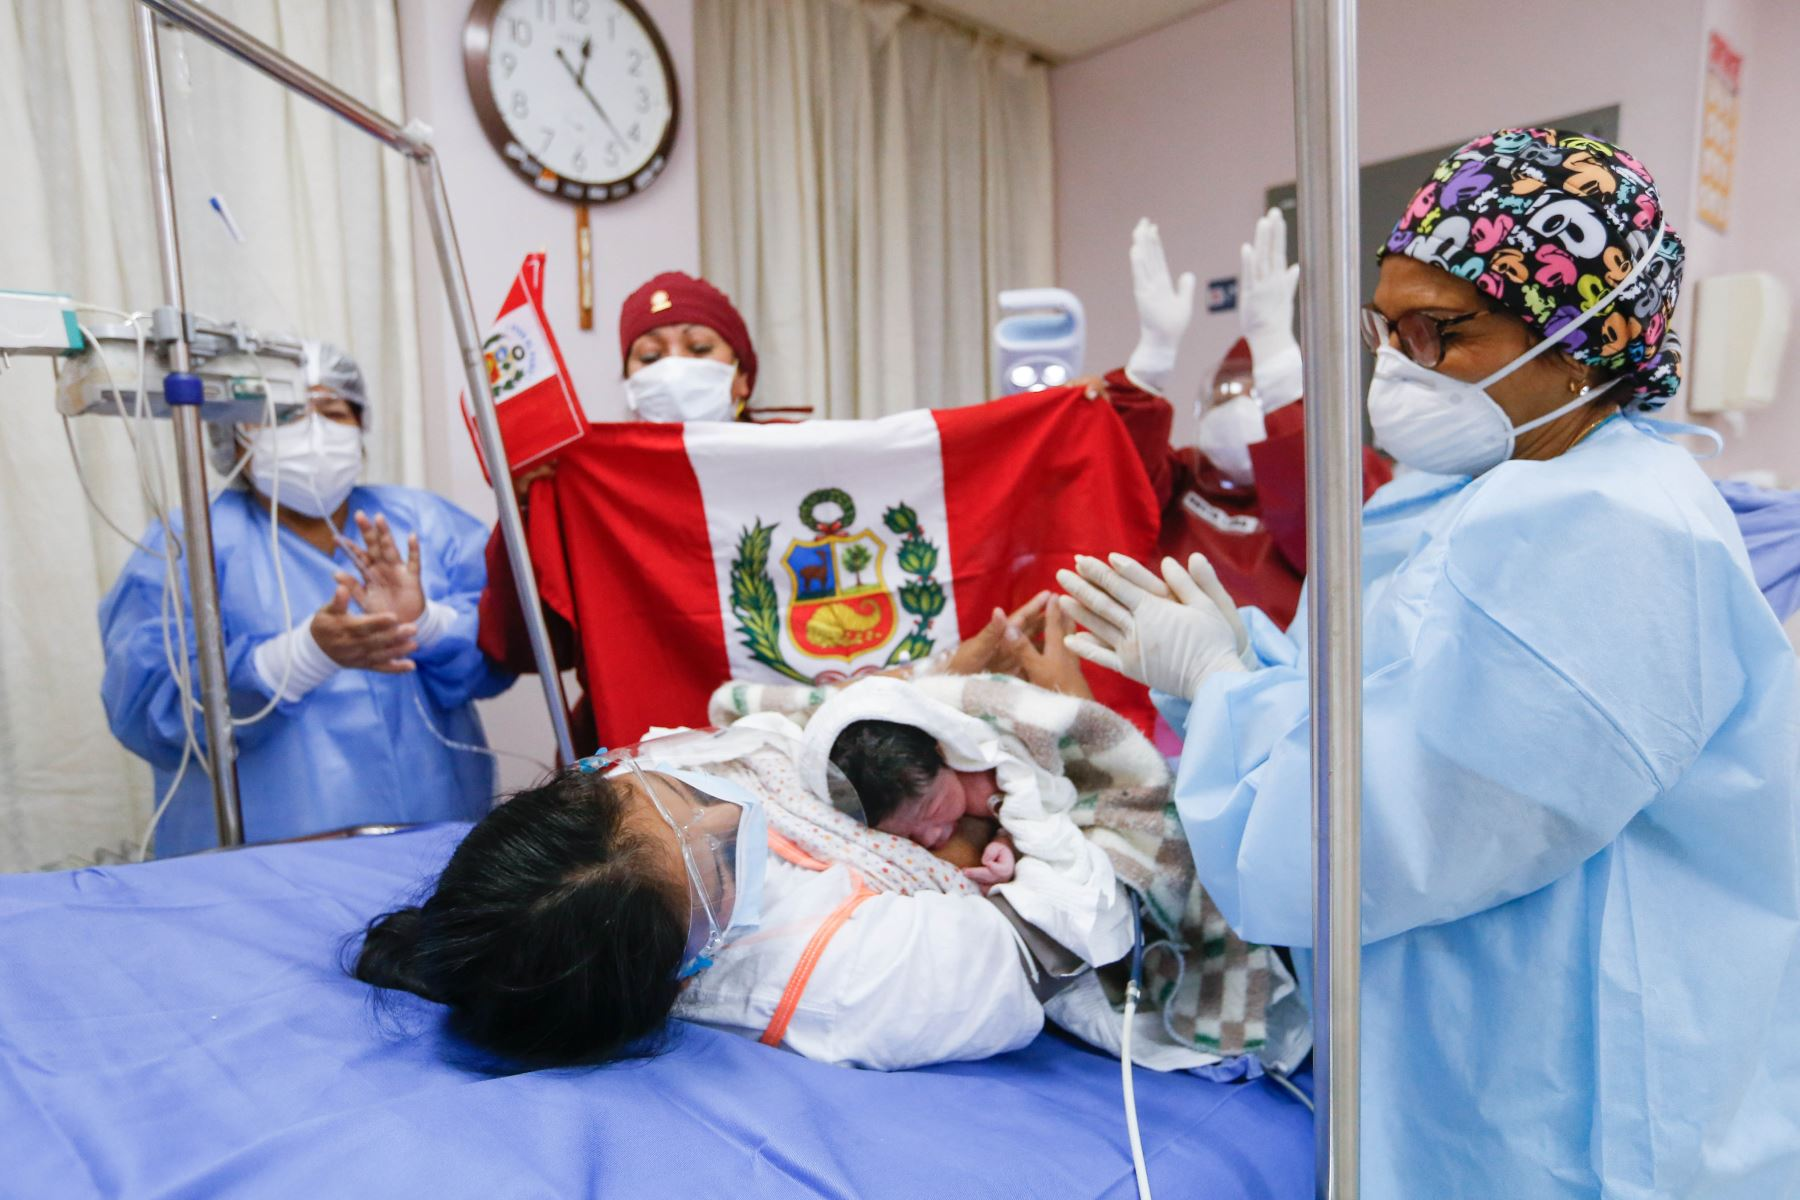 El recién nacido pesó 3,570 kilogramos y midió 51 centímetros, y su primer llanto será recordado por siempre ya que no solo emocionó a la madre sino también a los médicos, obstetras y enfermeras, que con convicción y banderas en mano le entonaron la canción